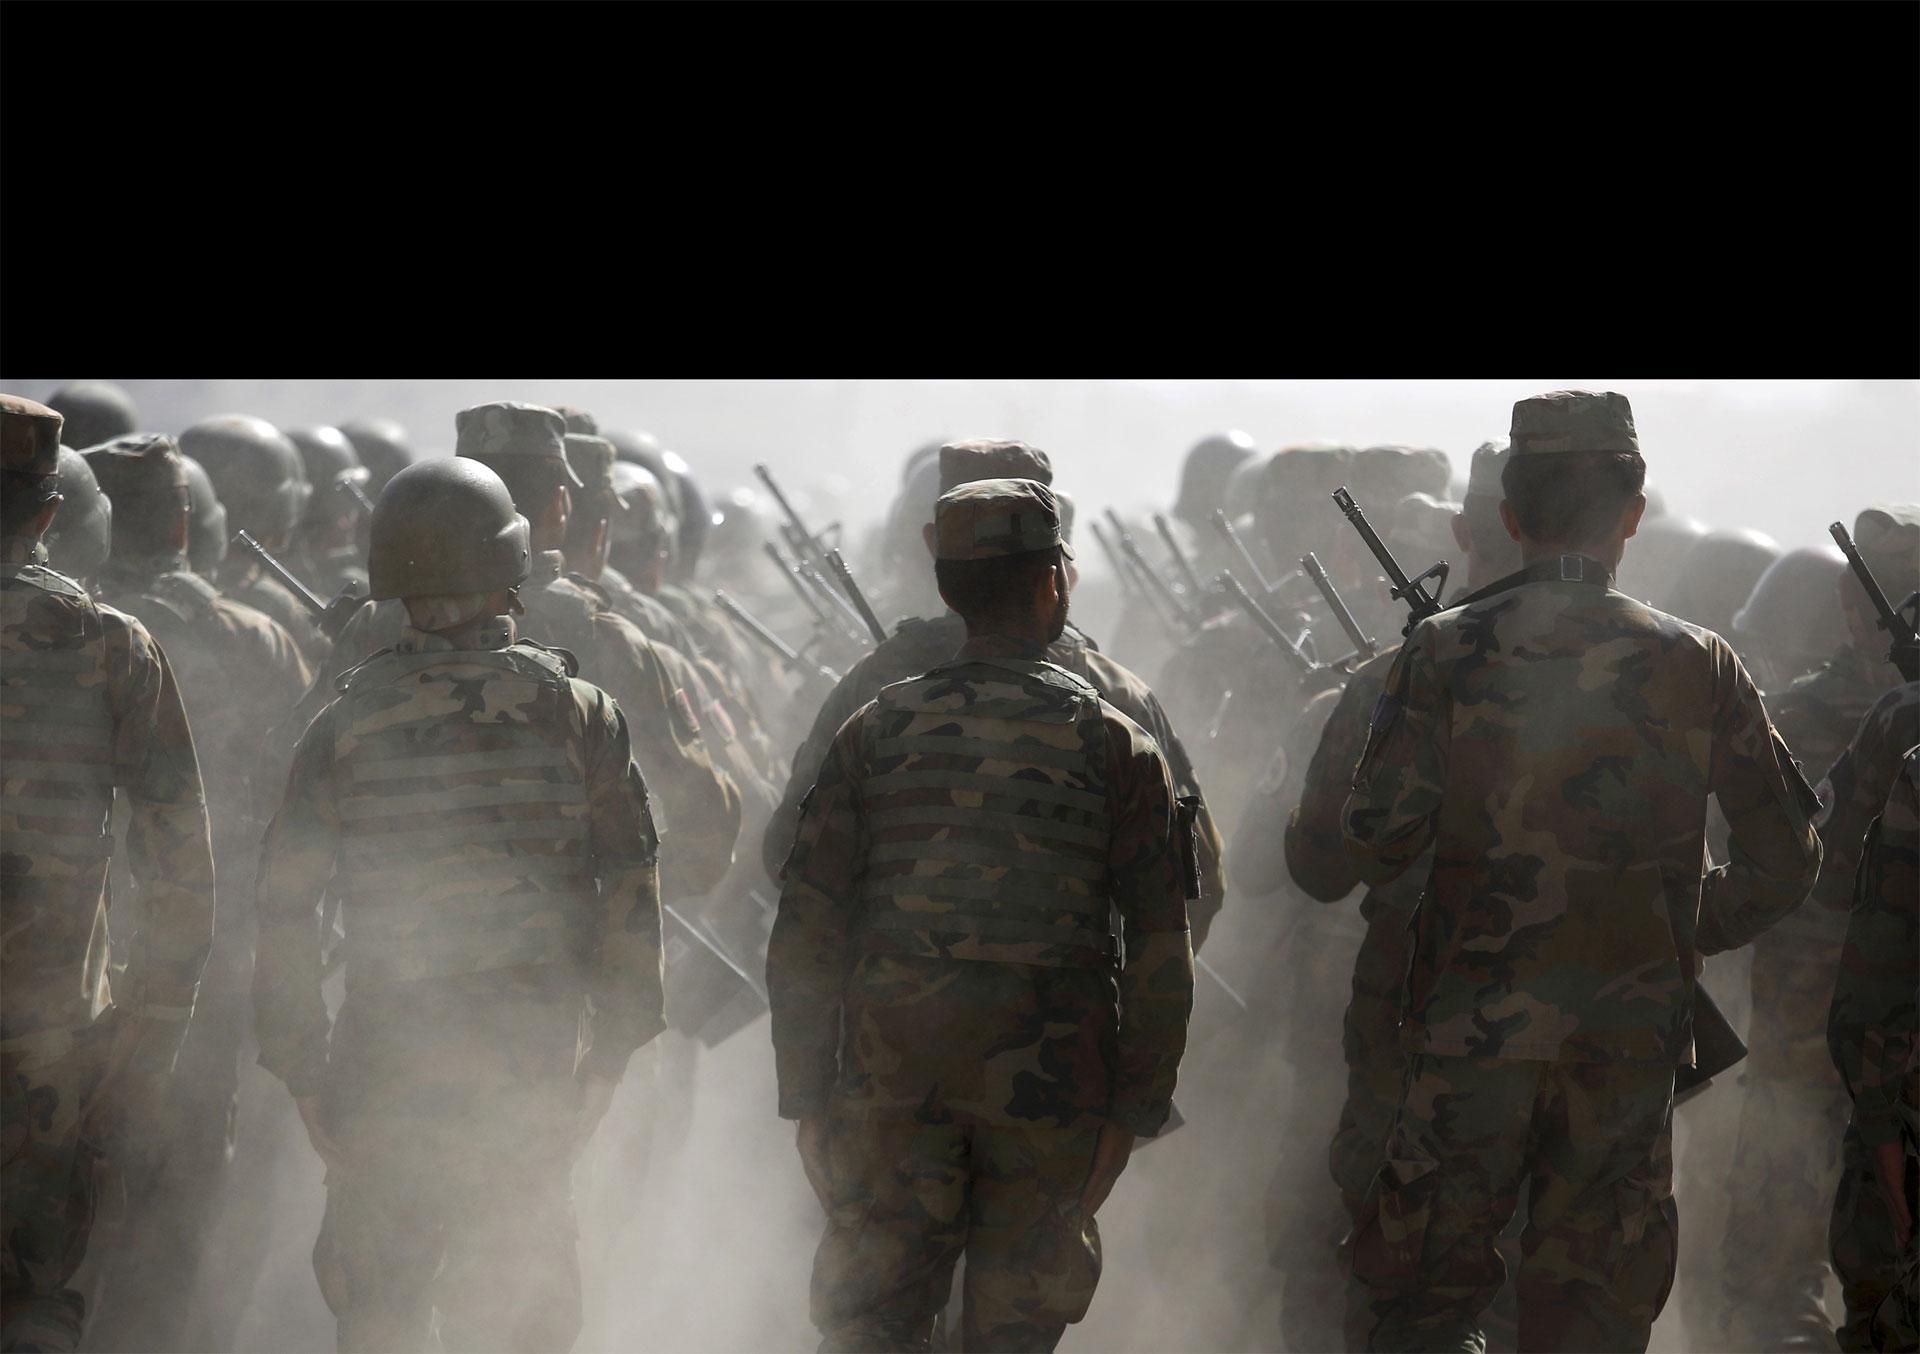 Las fuerzas de seguridad del país expulsarán a los talibanes de la zona donde está la torre de alta tensión